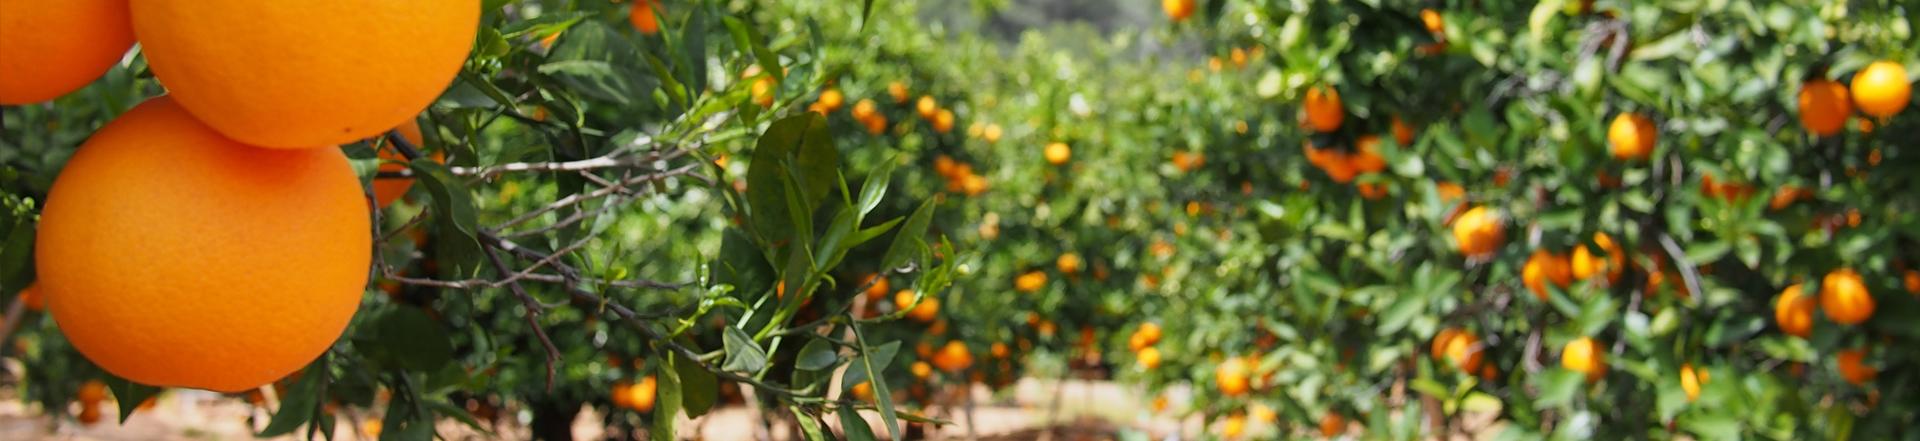 naranjas naturverd